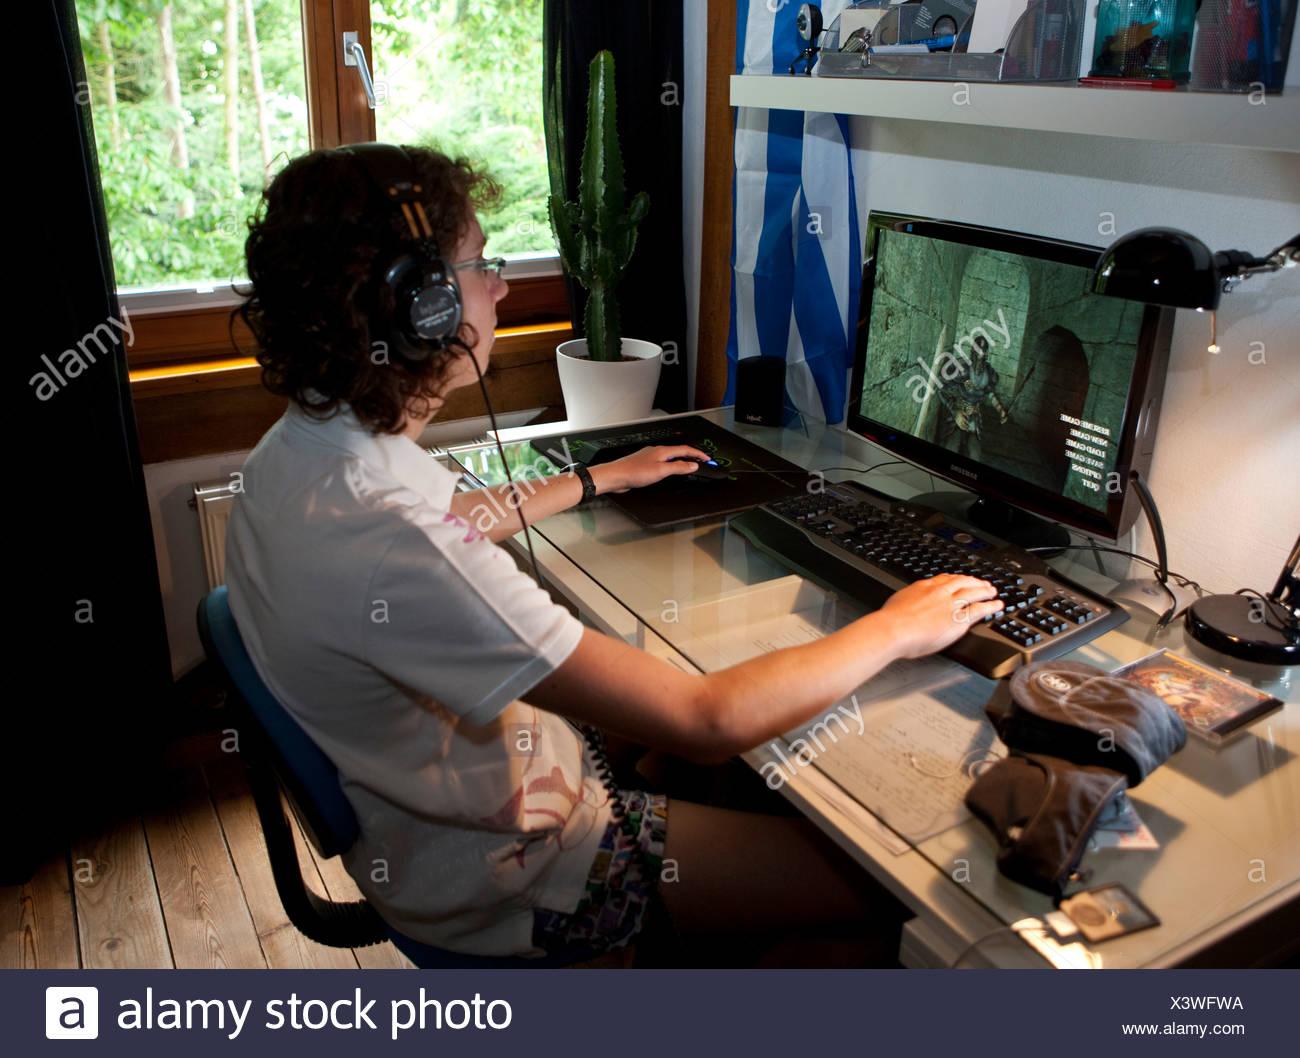 Un garçon, environ 15, jouant un jeu violent sur l'ordinateur dans sa chambre, l'Allemagne, de l'Europe Photo Stock